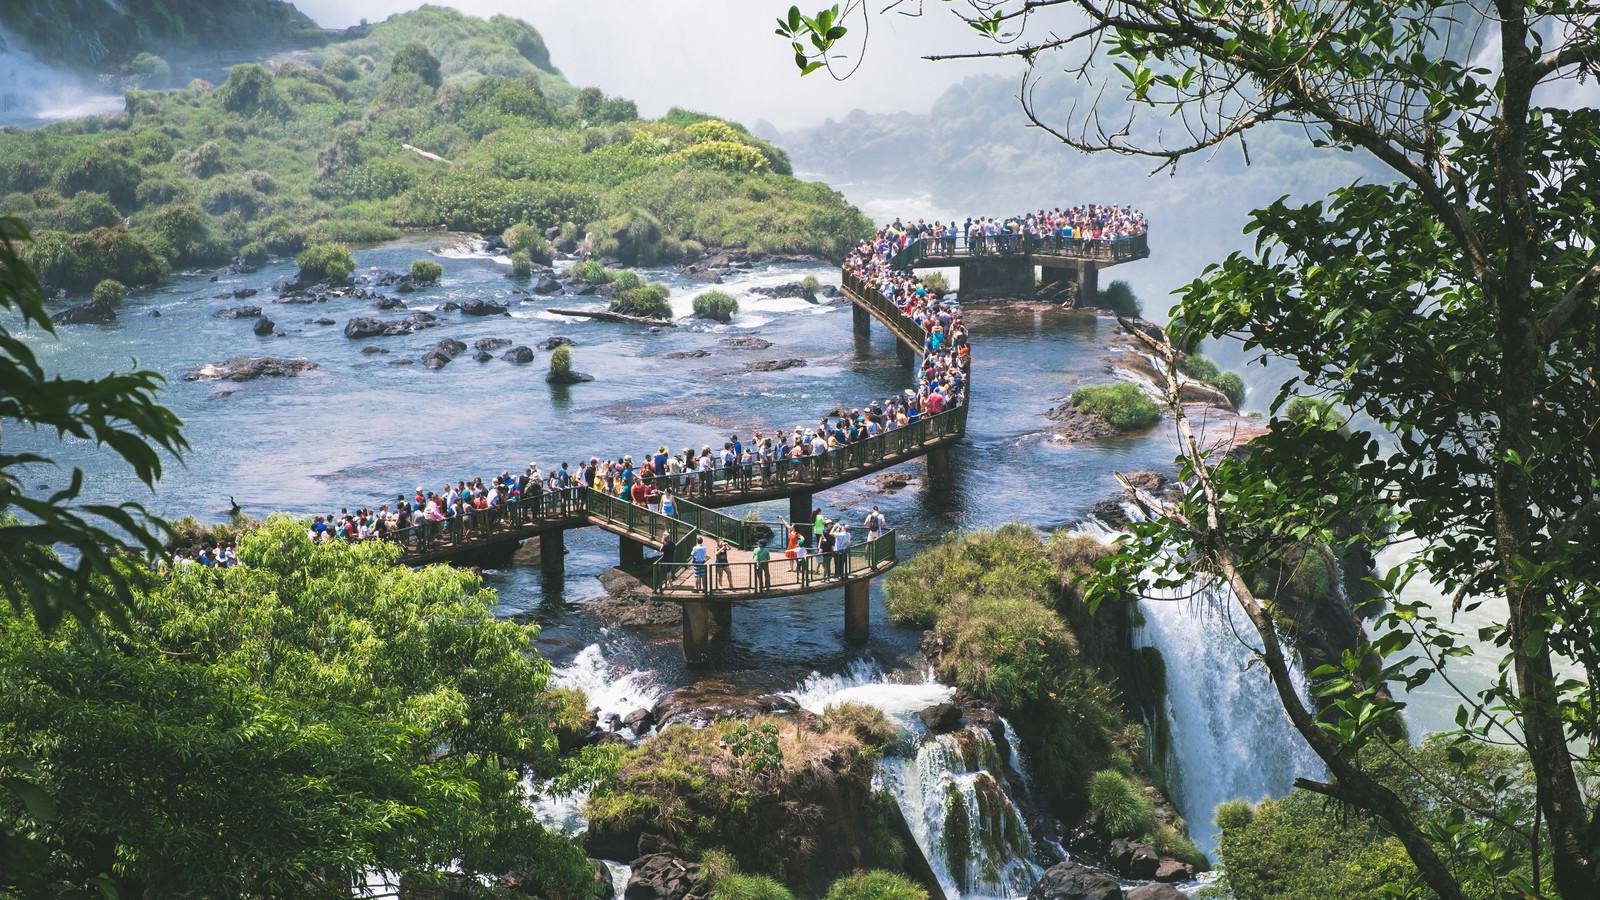 絶景の歩道に出来た行列(イグアスの滝)のフリー素材